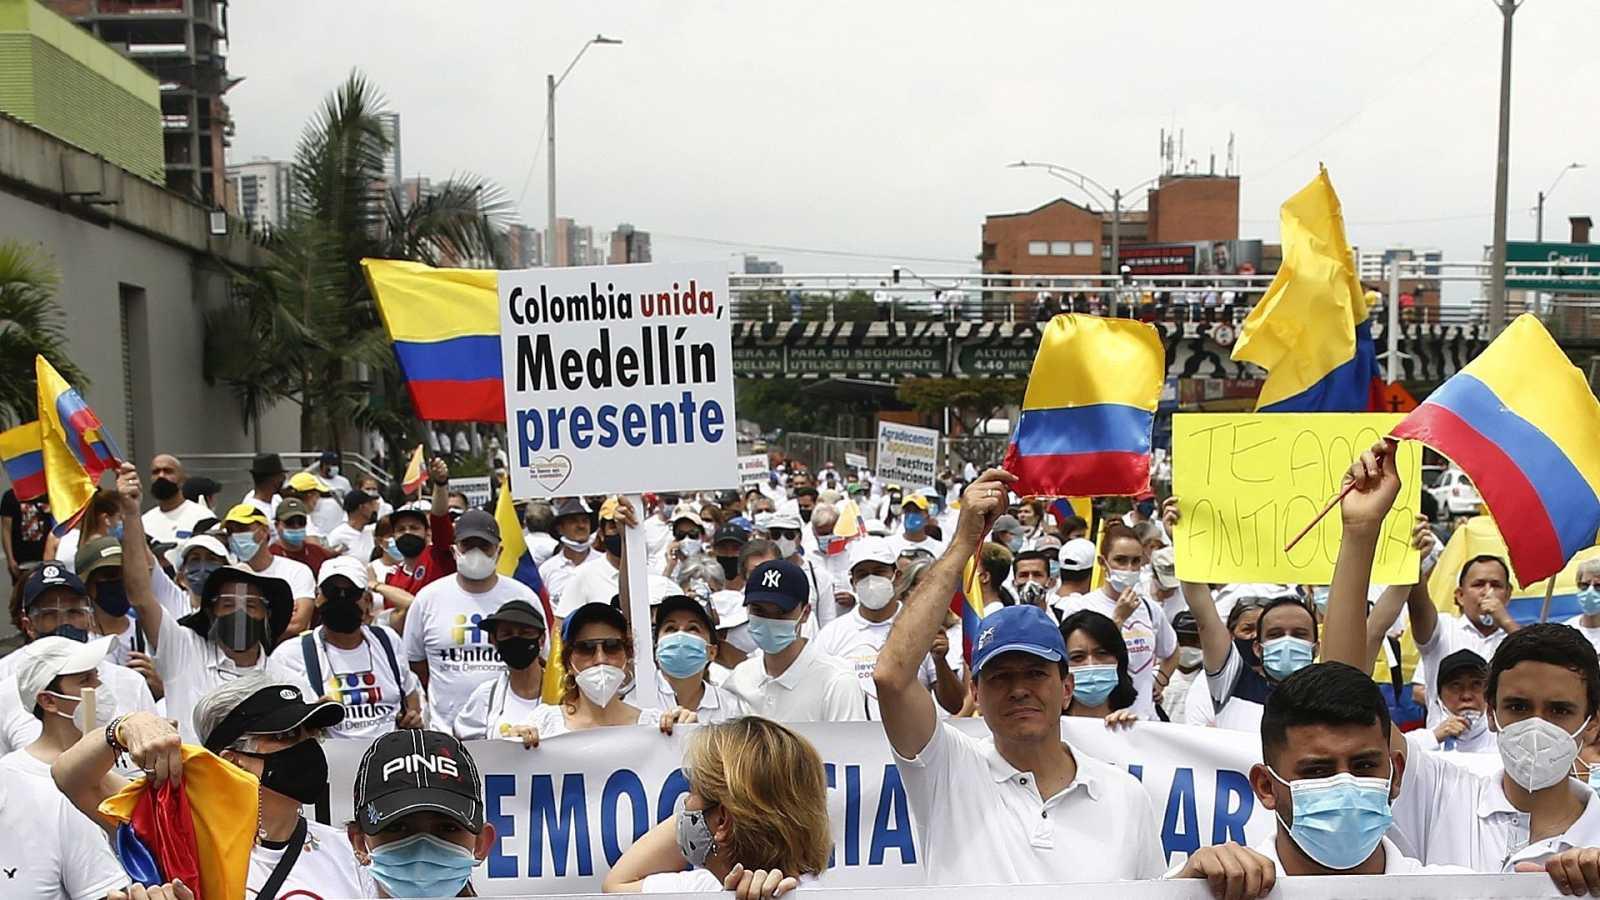 Cientos de personas participan en una marcha contra el Paro Nacional en la ciudad colombiana de Medellín.